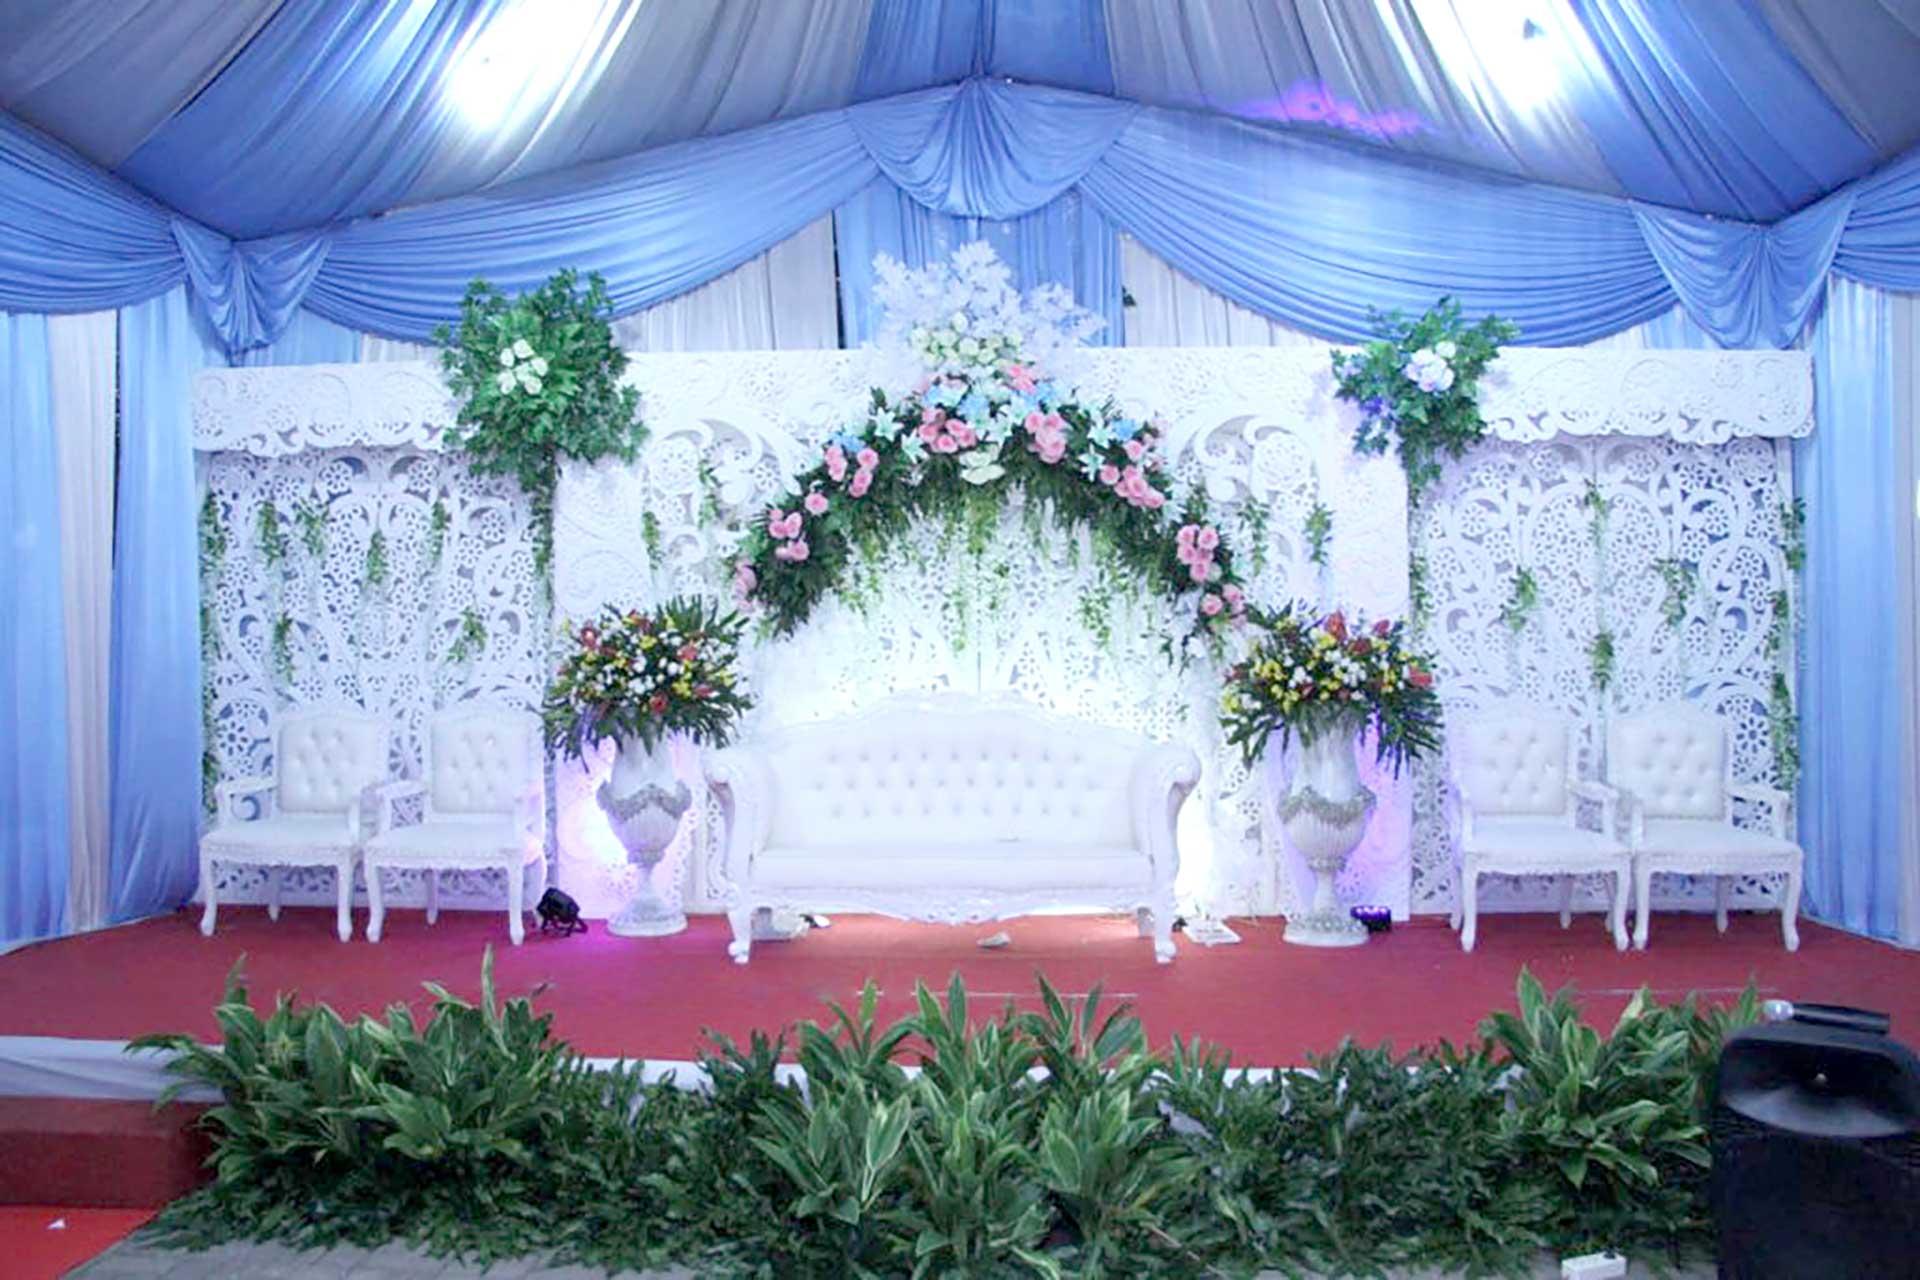 tiga_dara_*Paket Pernikahan di Rumah_PAKET PERNIKAHAN RUMAHAN ALL IN 700 TAMU